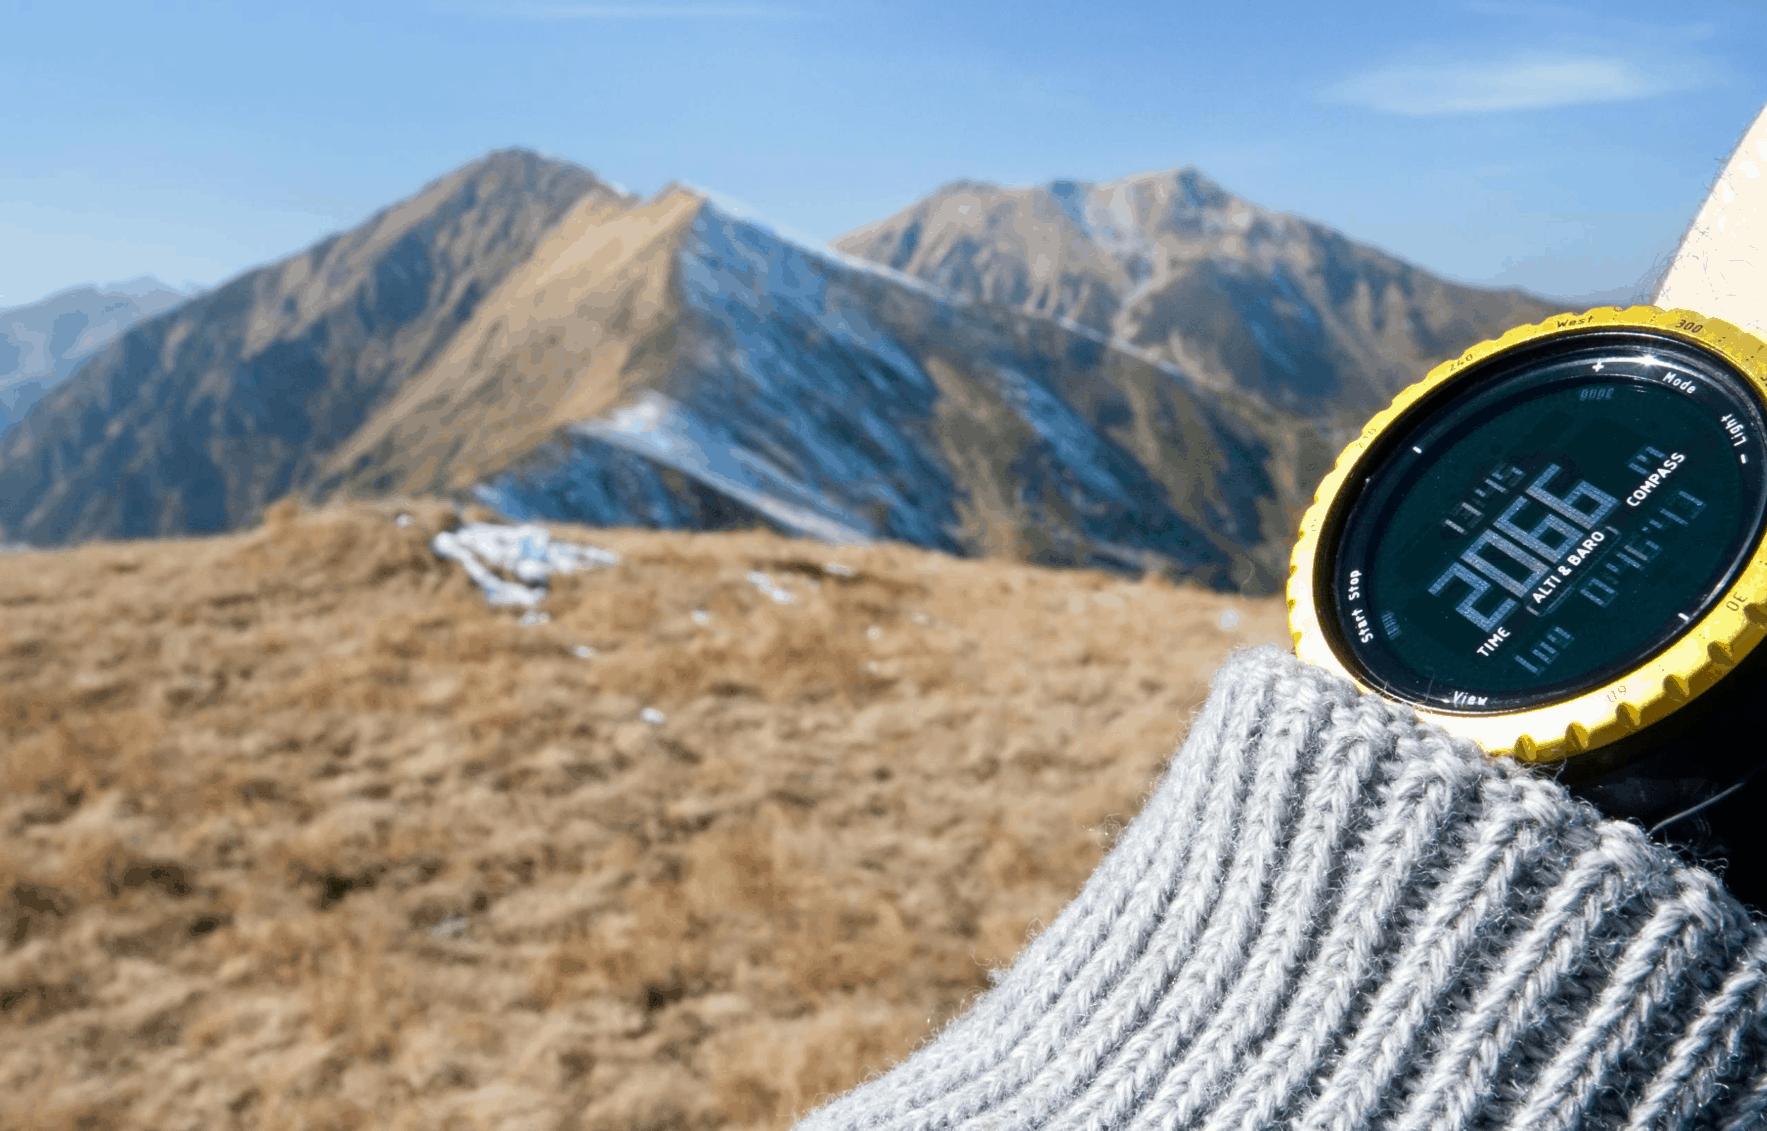 GPS watch hiking mountain